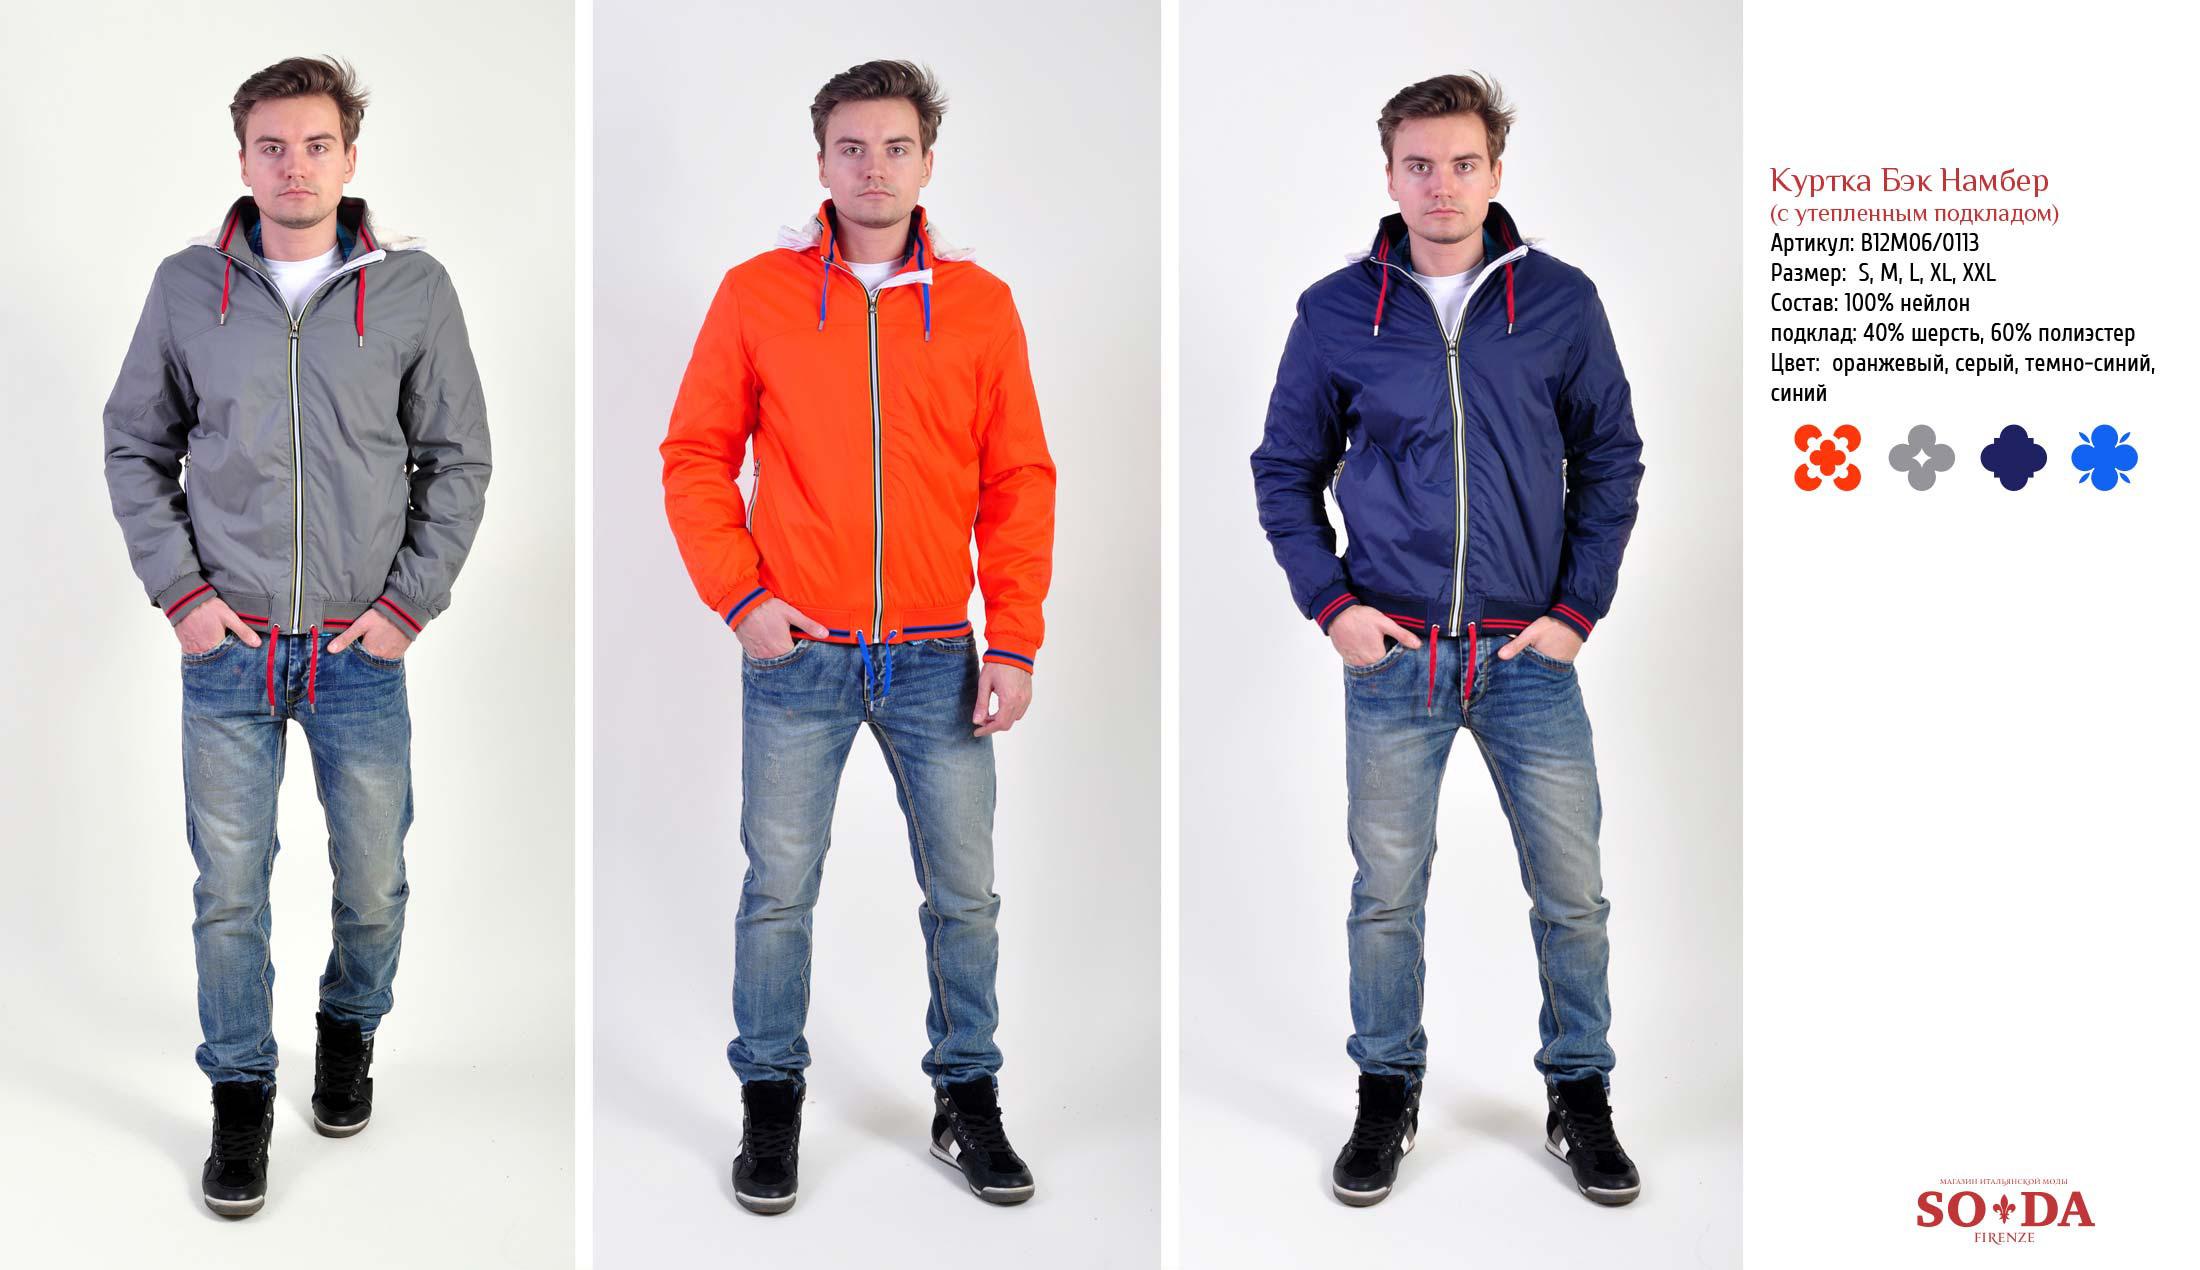 Мужская Одежда Онлайн Магазин